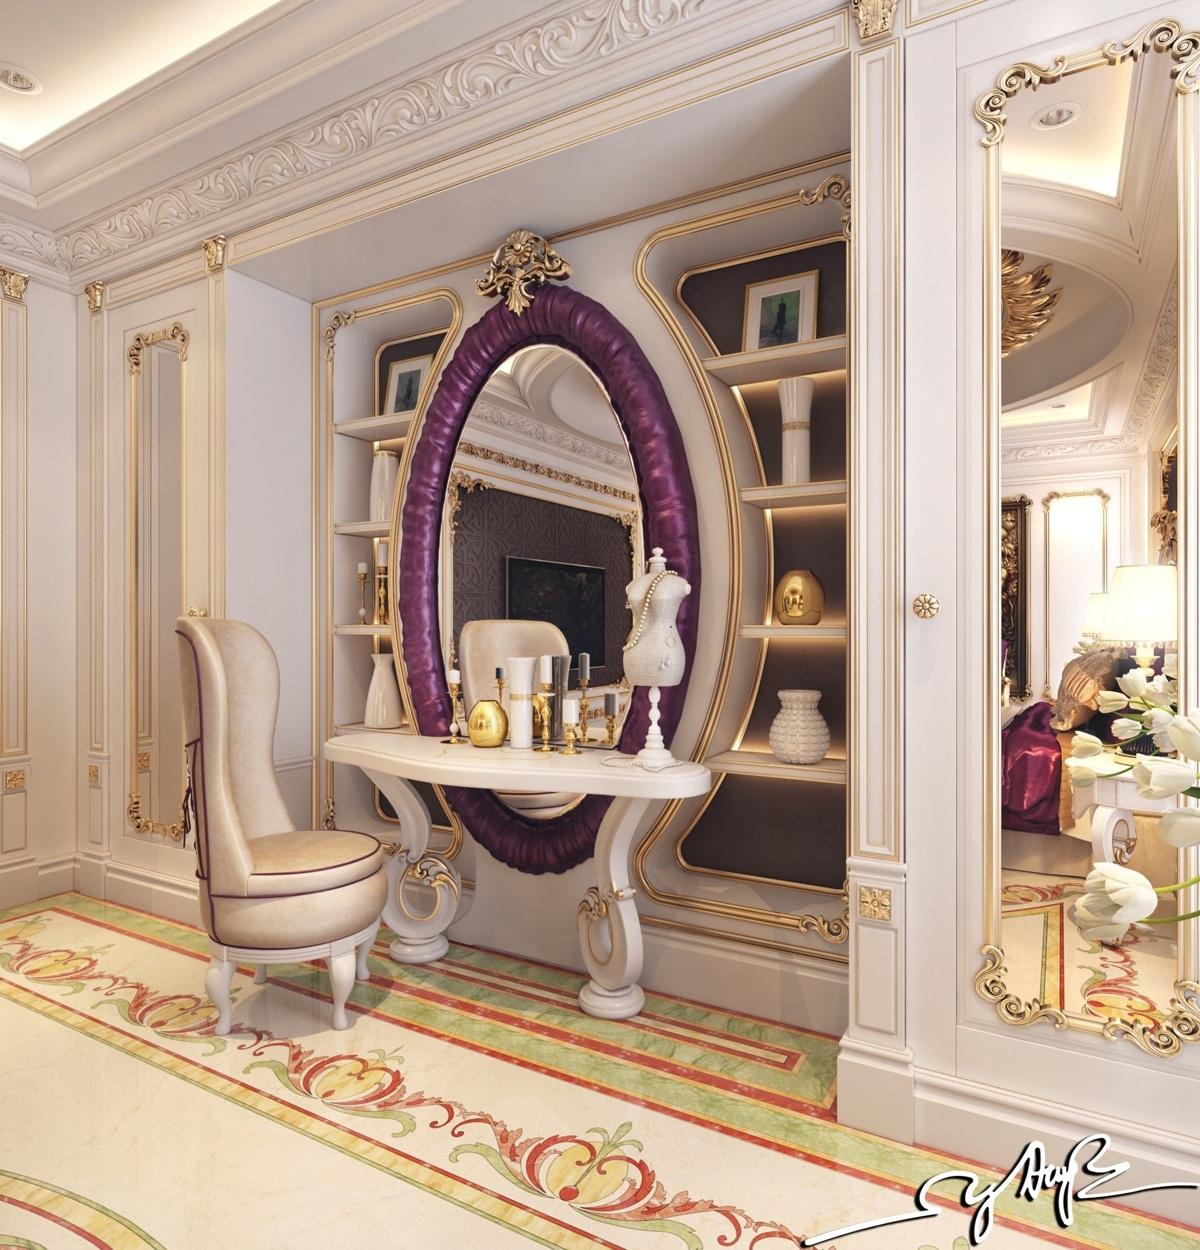 غرفة نوم كلاسيكية فخمة 4ب تصميمات غرف نوم مبهرة تليق بالقصور